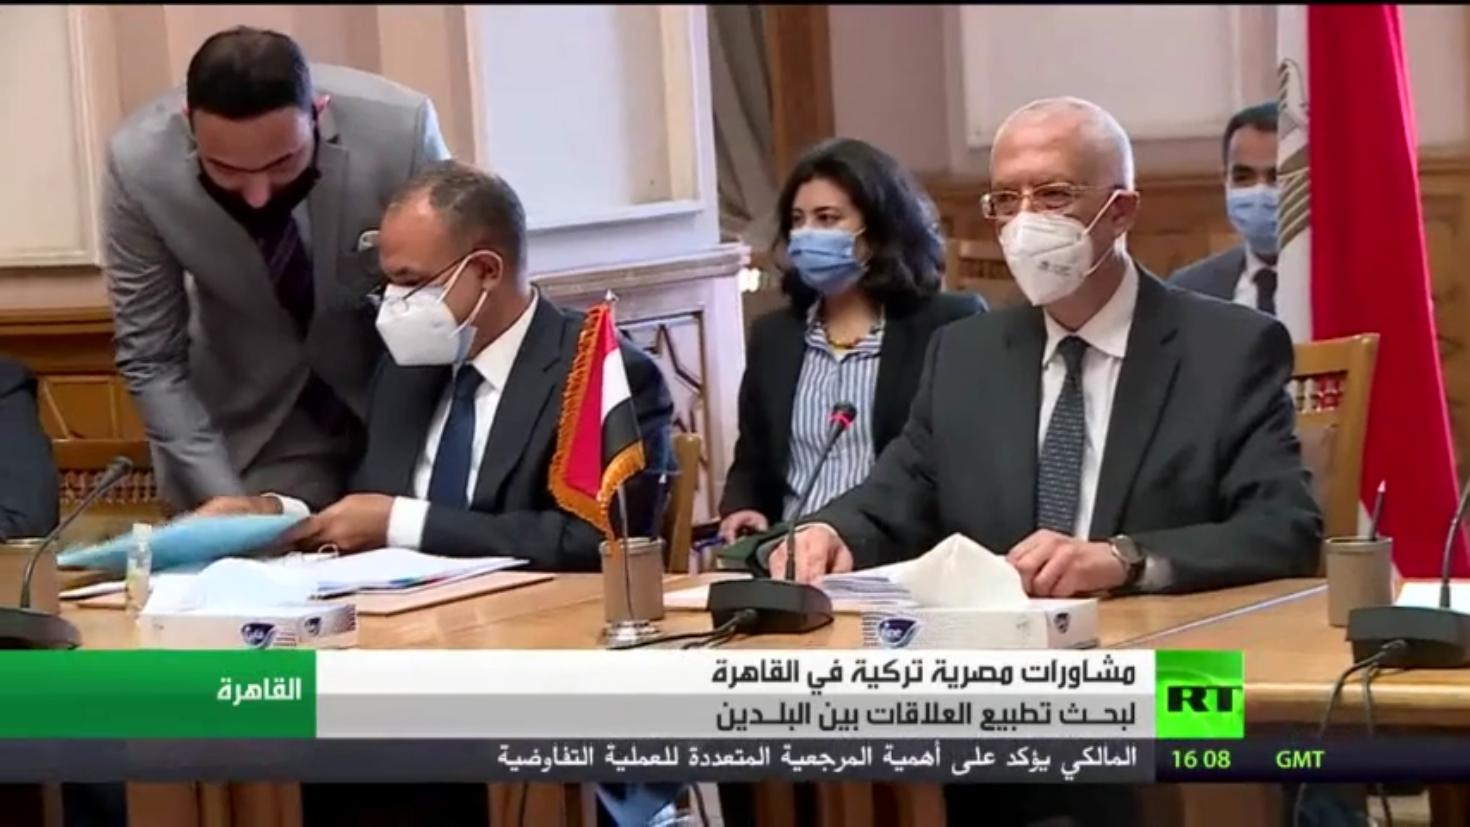 مشاورات مصرية تركية بالقاهرة لتطبيع العلاقات